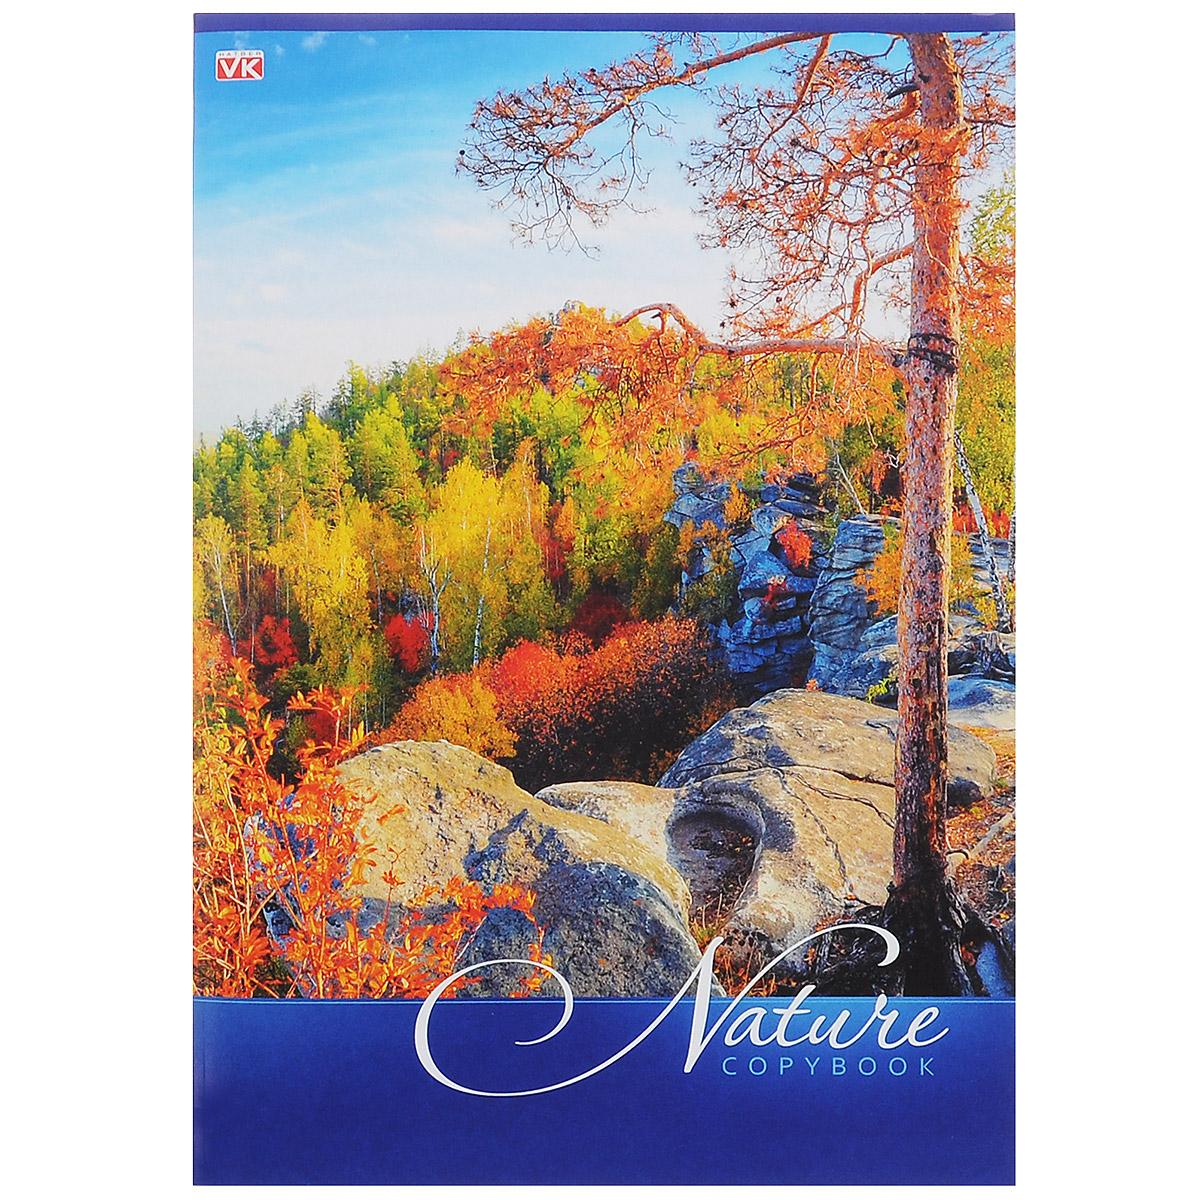 Hatber Тетрадь в клетку Nature, 80 листов, цвет: синий, оранжевый, формат А472523WDТетрадь Hatber Nature предназначена для объемных записей и незаменима для старшеклассников и студентов.Обложка тетради выполнена из мелованного картона с изображением горных вершин осенних деревьев. Внутренний блок тетради на гребне состоит из 80 листов белой бумаги с линовкой в клетку синего цвета без полей. Листы тетради соединены скобами.